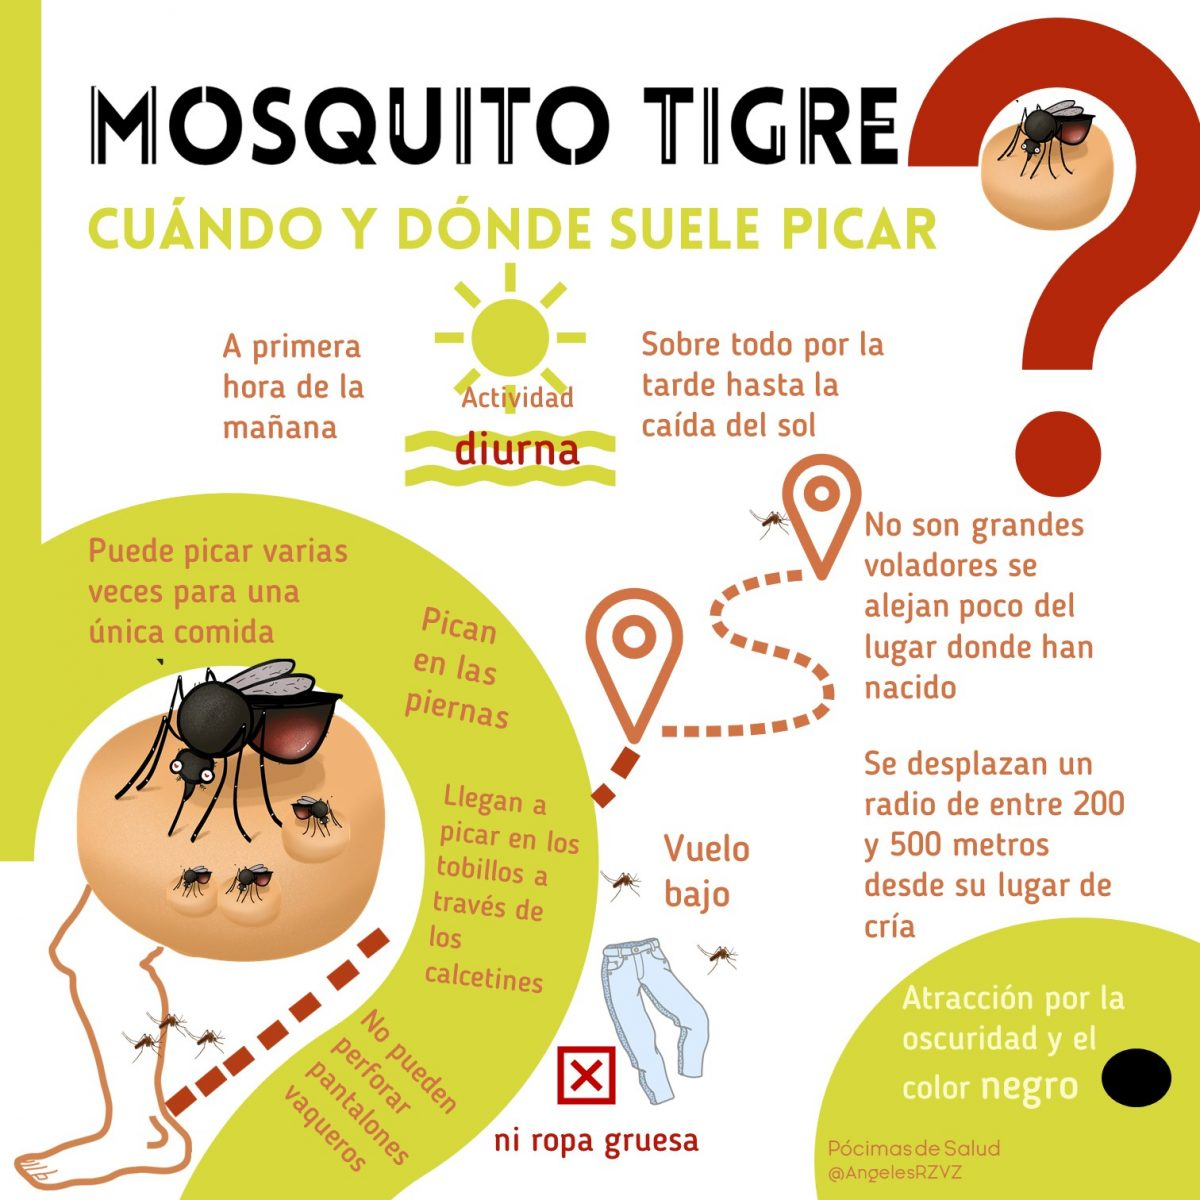 Mosquito-tigre-cuando-donde-pica